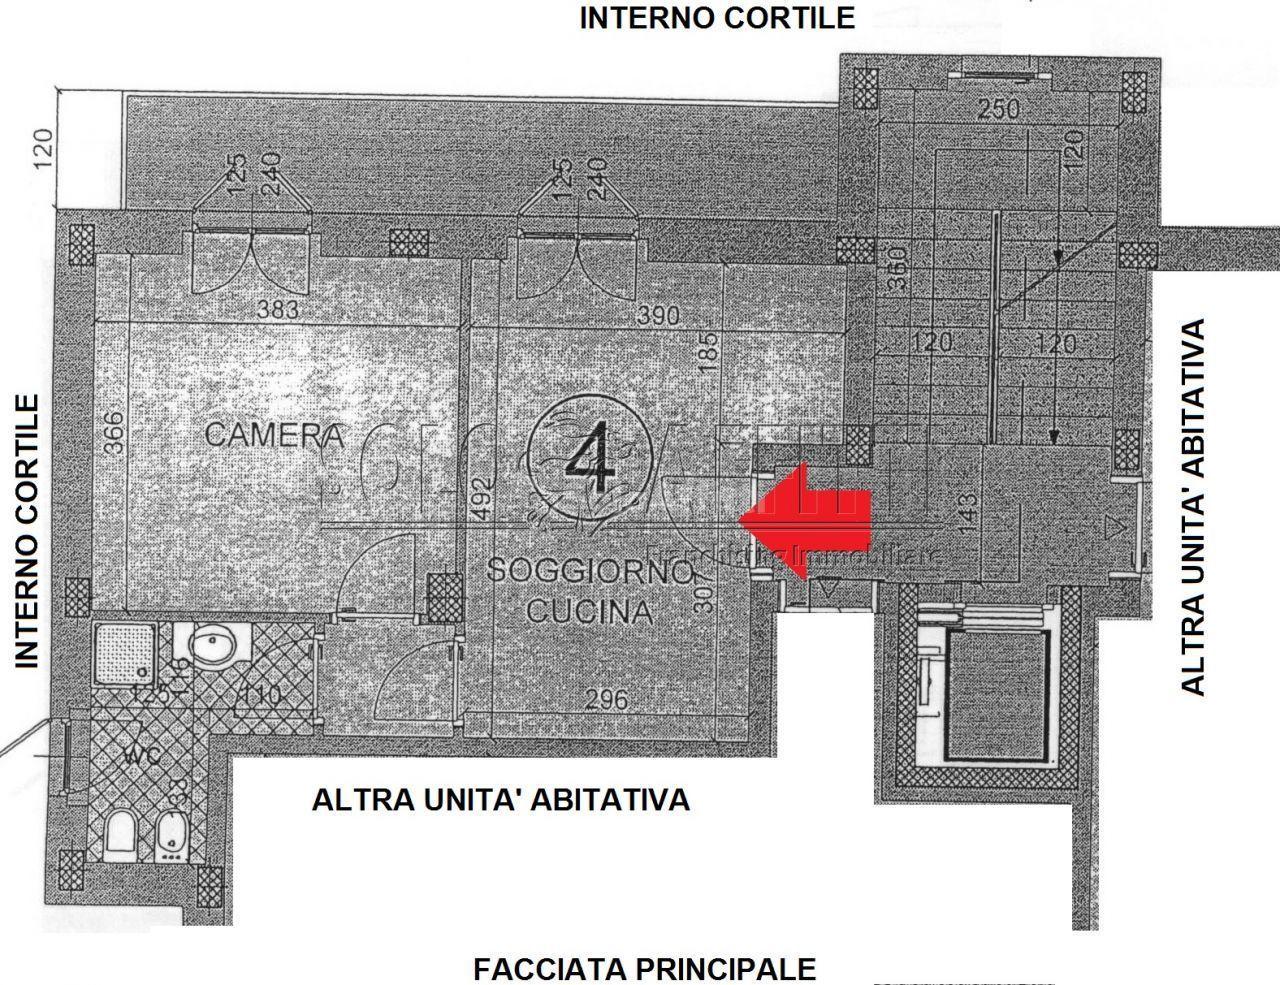 Bilocale Asti Via Adda 1 3